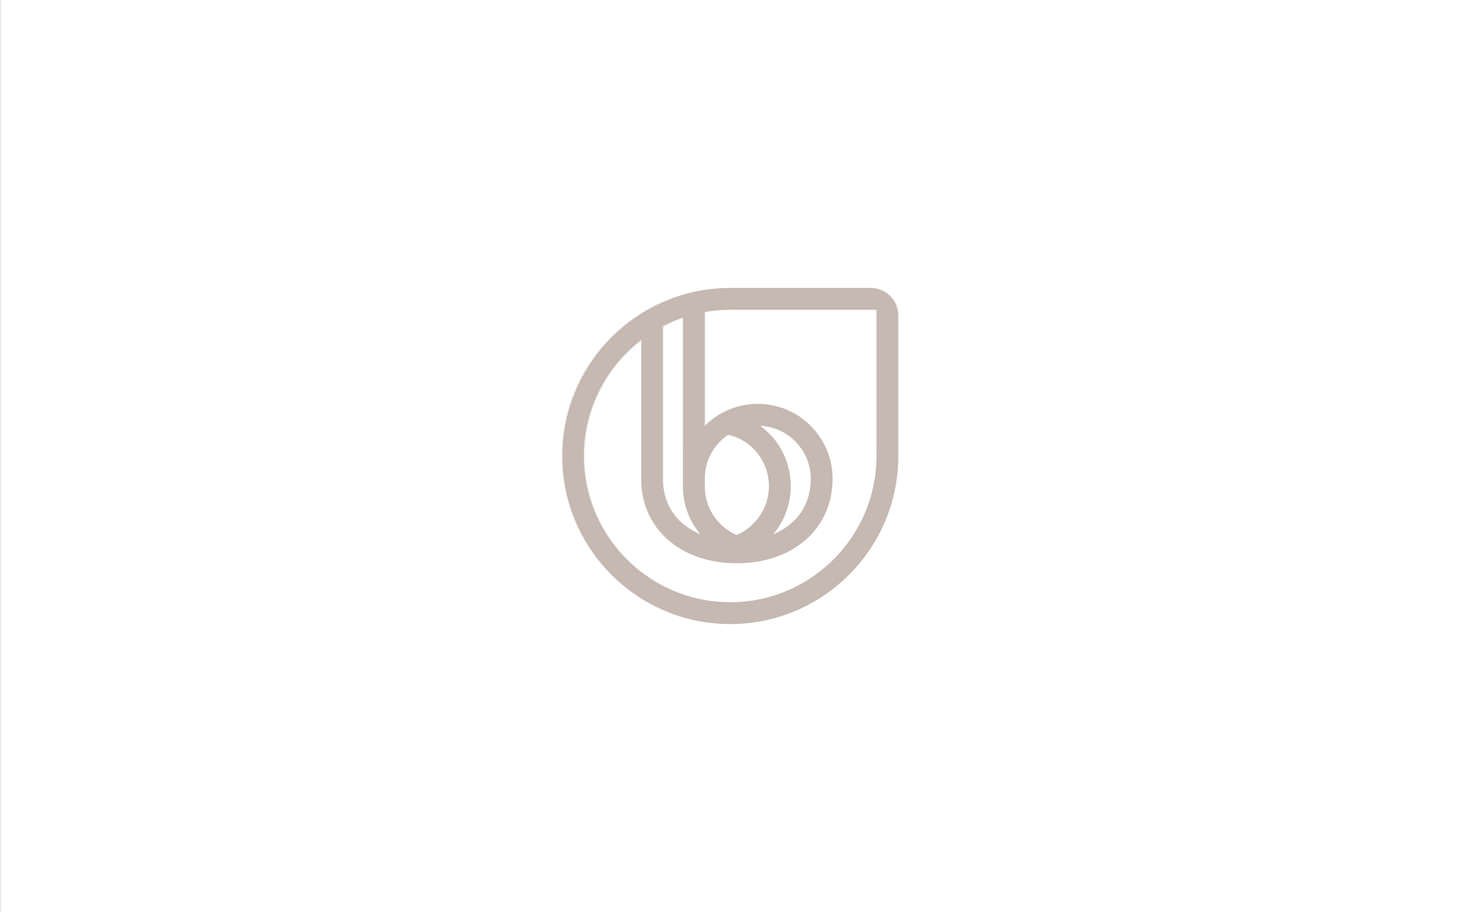 BeckieTech_Logo_02.jpg